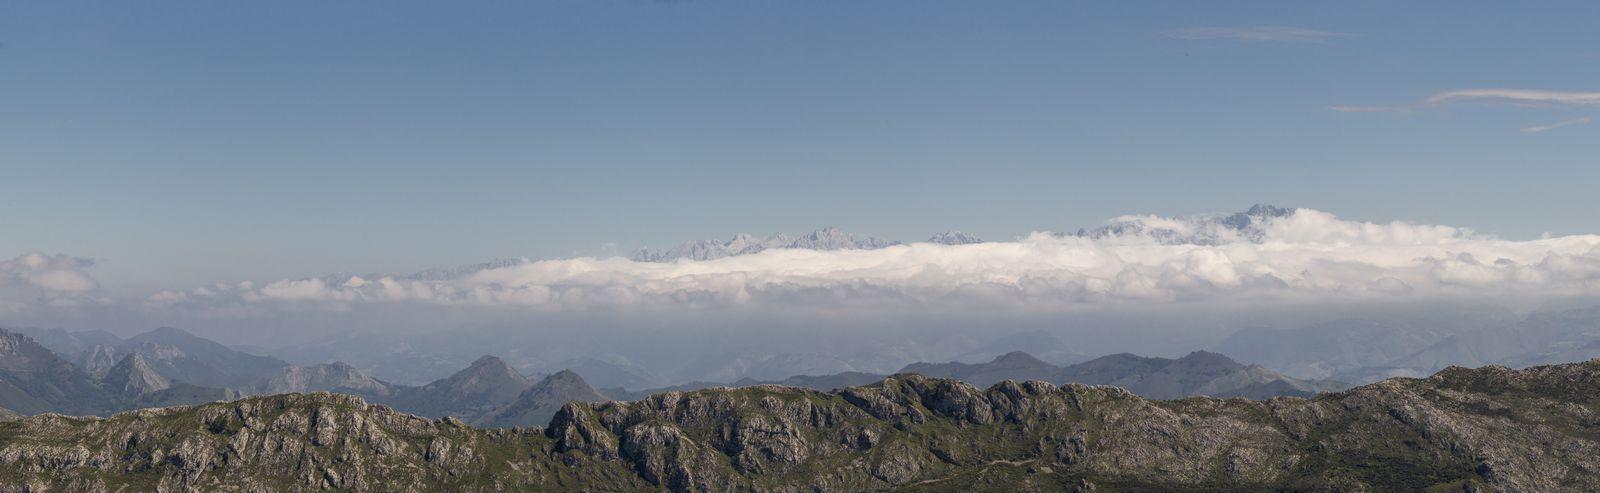 Los Picos de Europa, tapados por las nubes